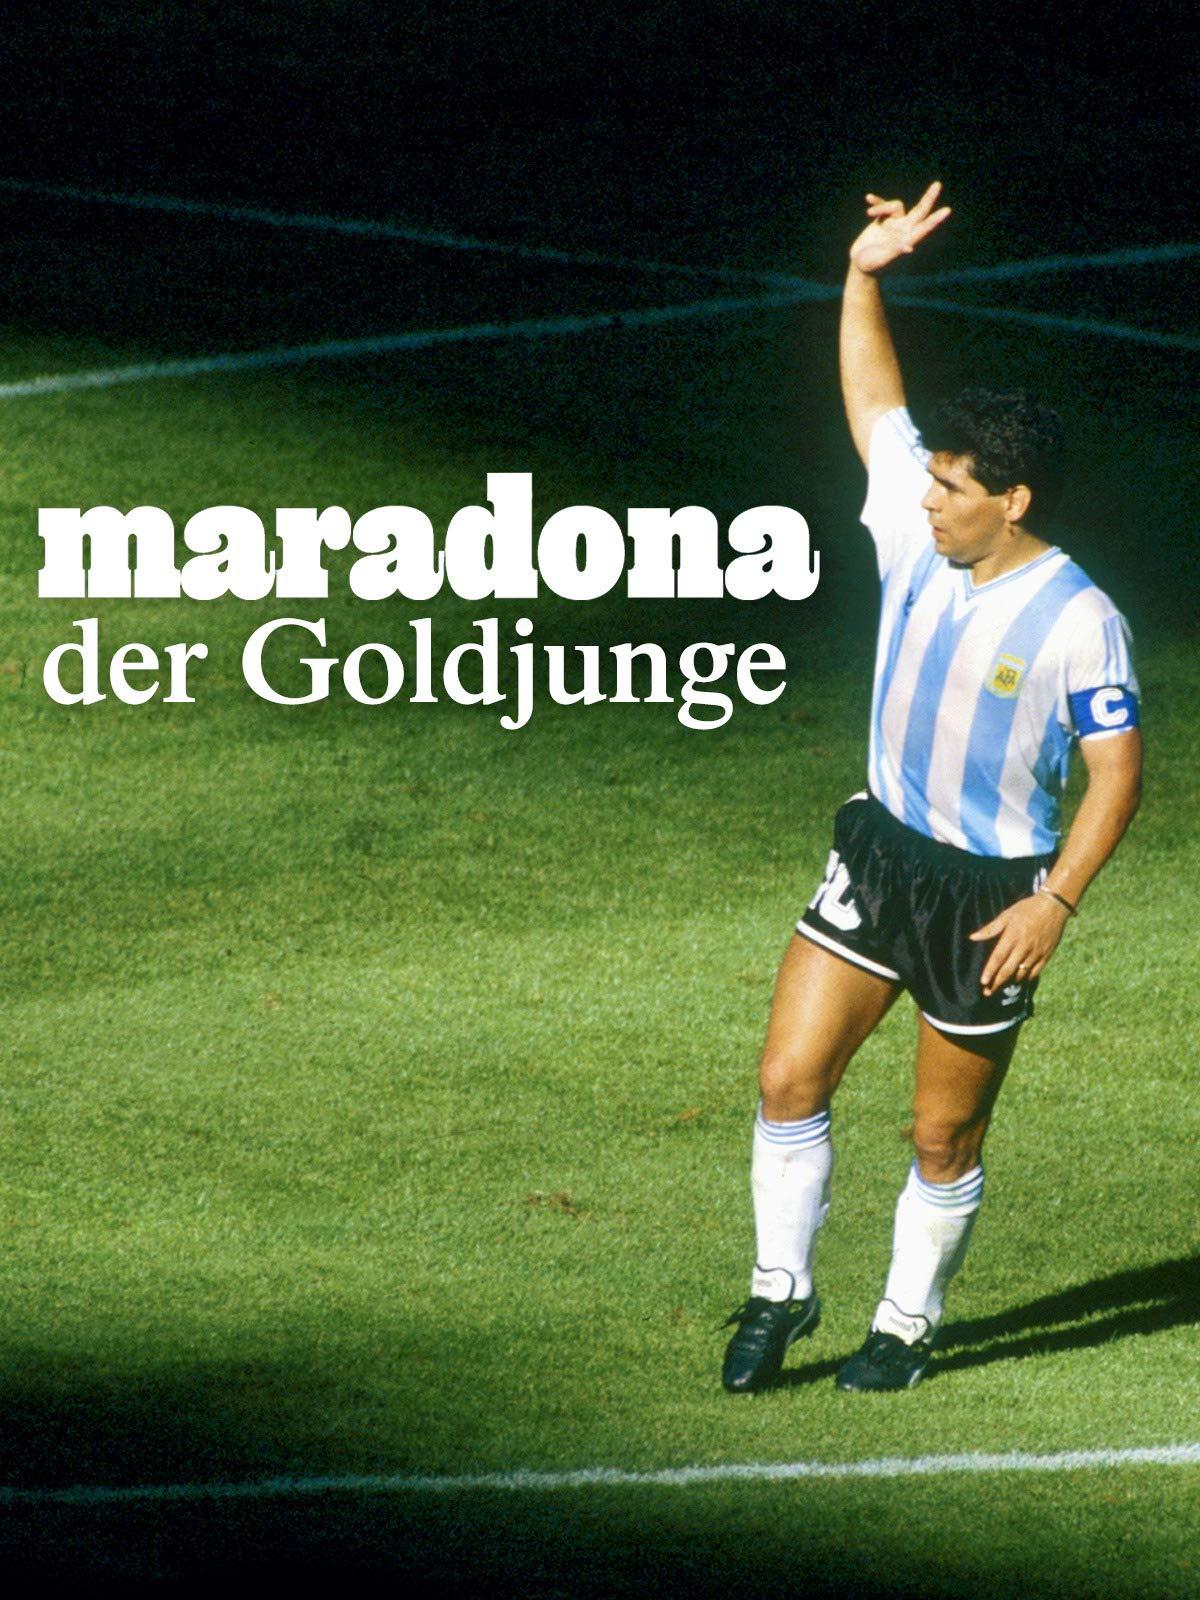 Maradona, der Goldjunge   kostenlos im Stream [ARTE]